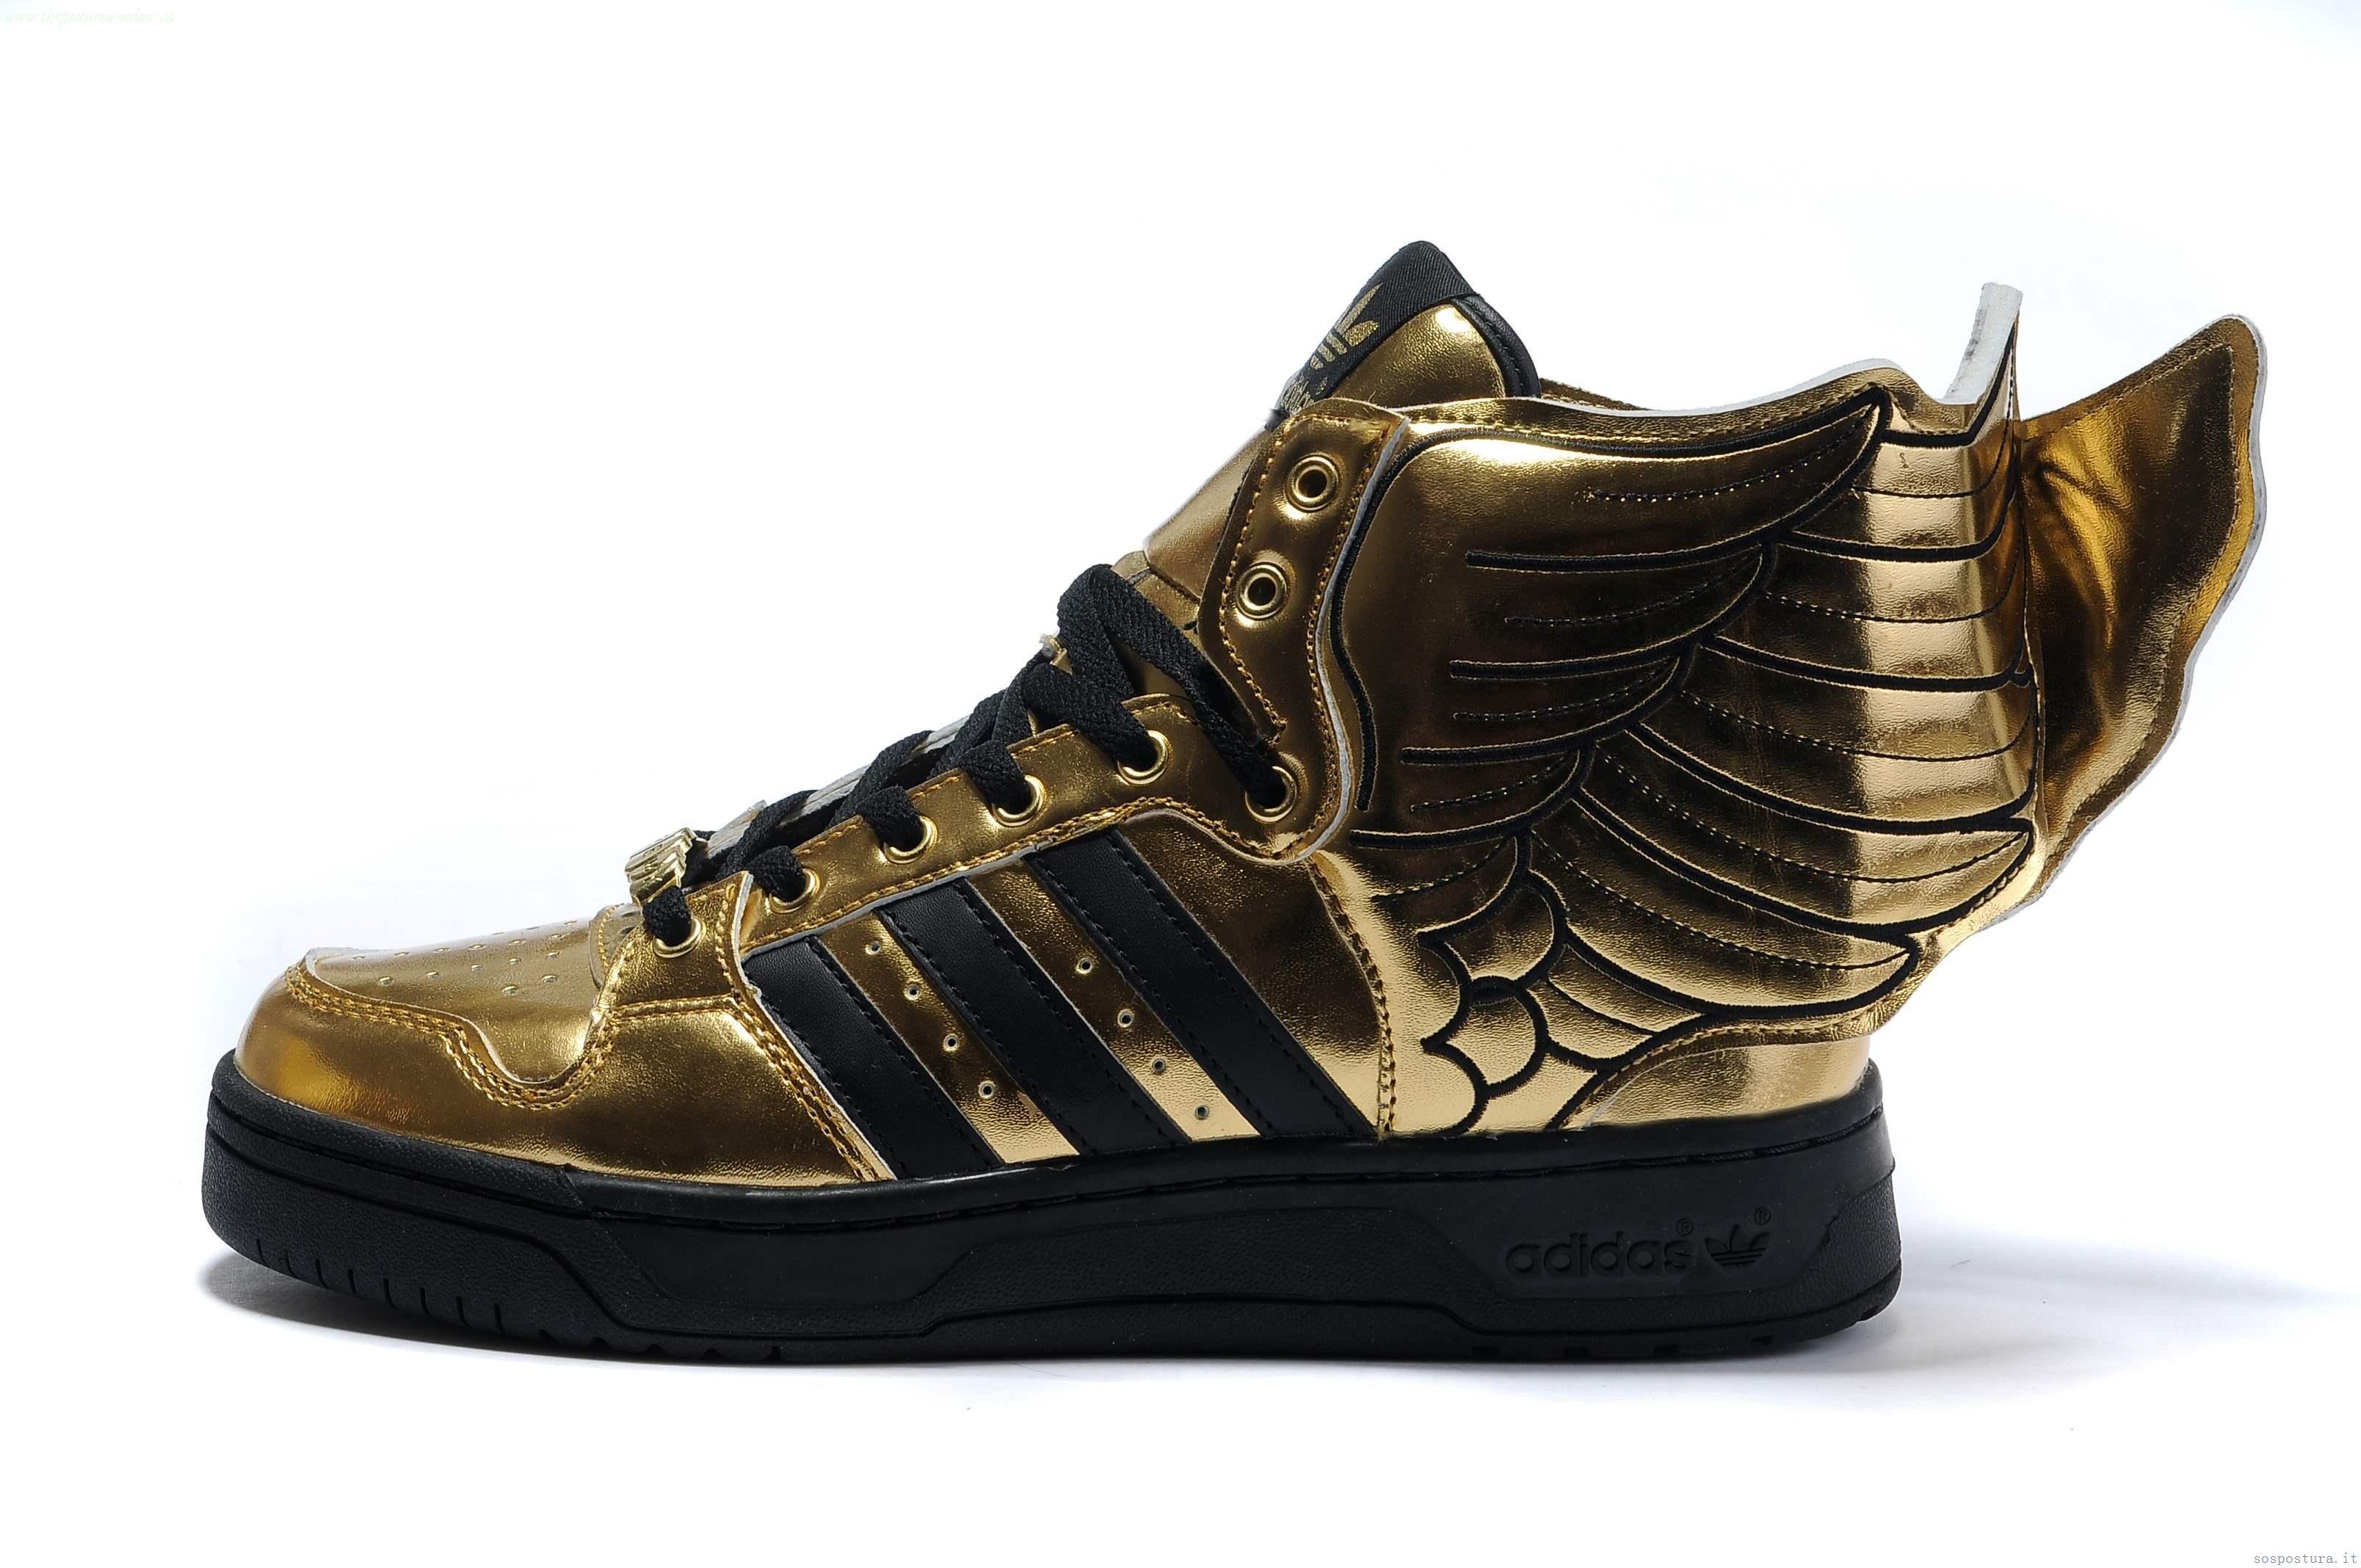 new arrival ad843 628f3 Resultado de imagen de zapatillas adidas con alas